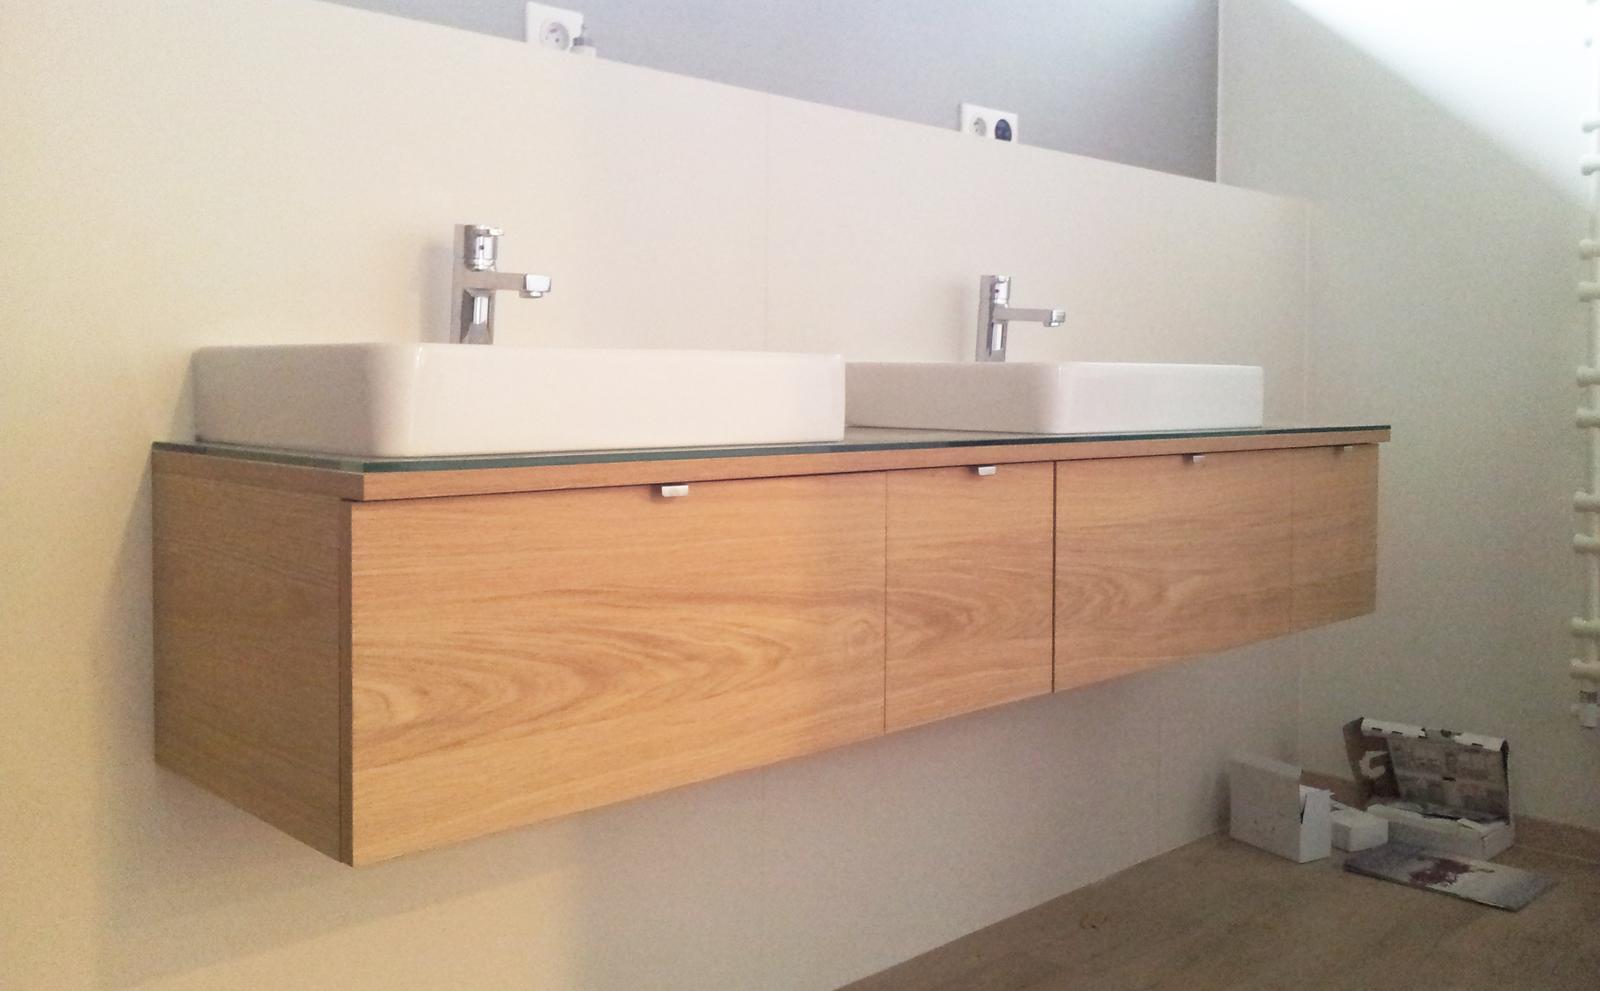 Dizajn a výroba nábytku na mieru Cubica - Kúpeľňová skrinka - dub a bezpečnostné sklo - dizajn a výroba cubica